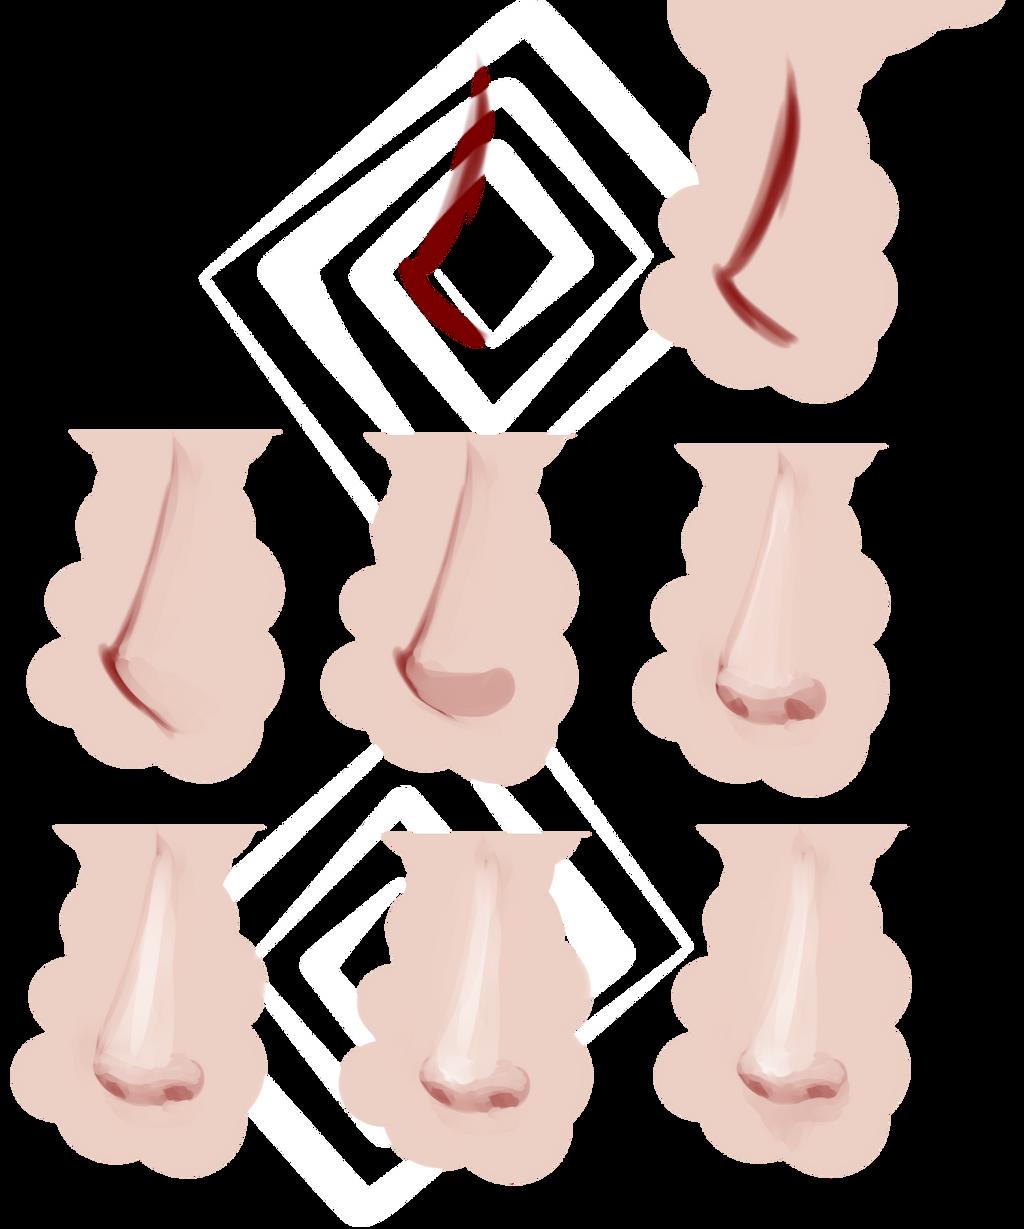 Nose Tutorial By Saige199 On DeviantArt